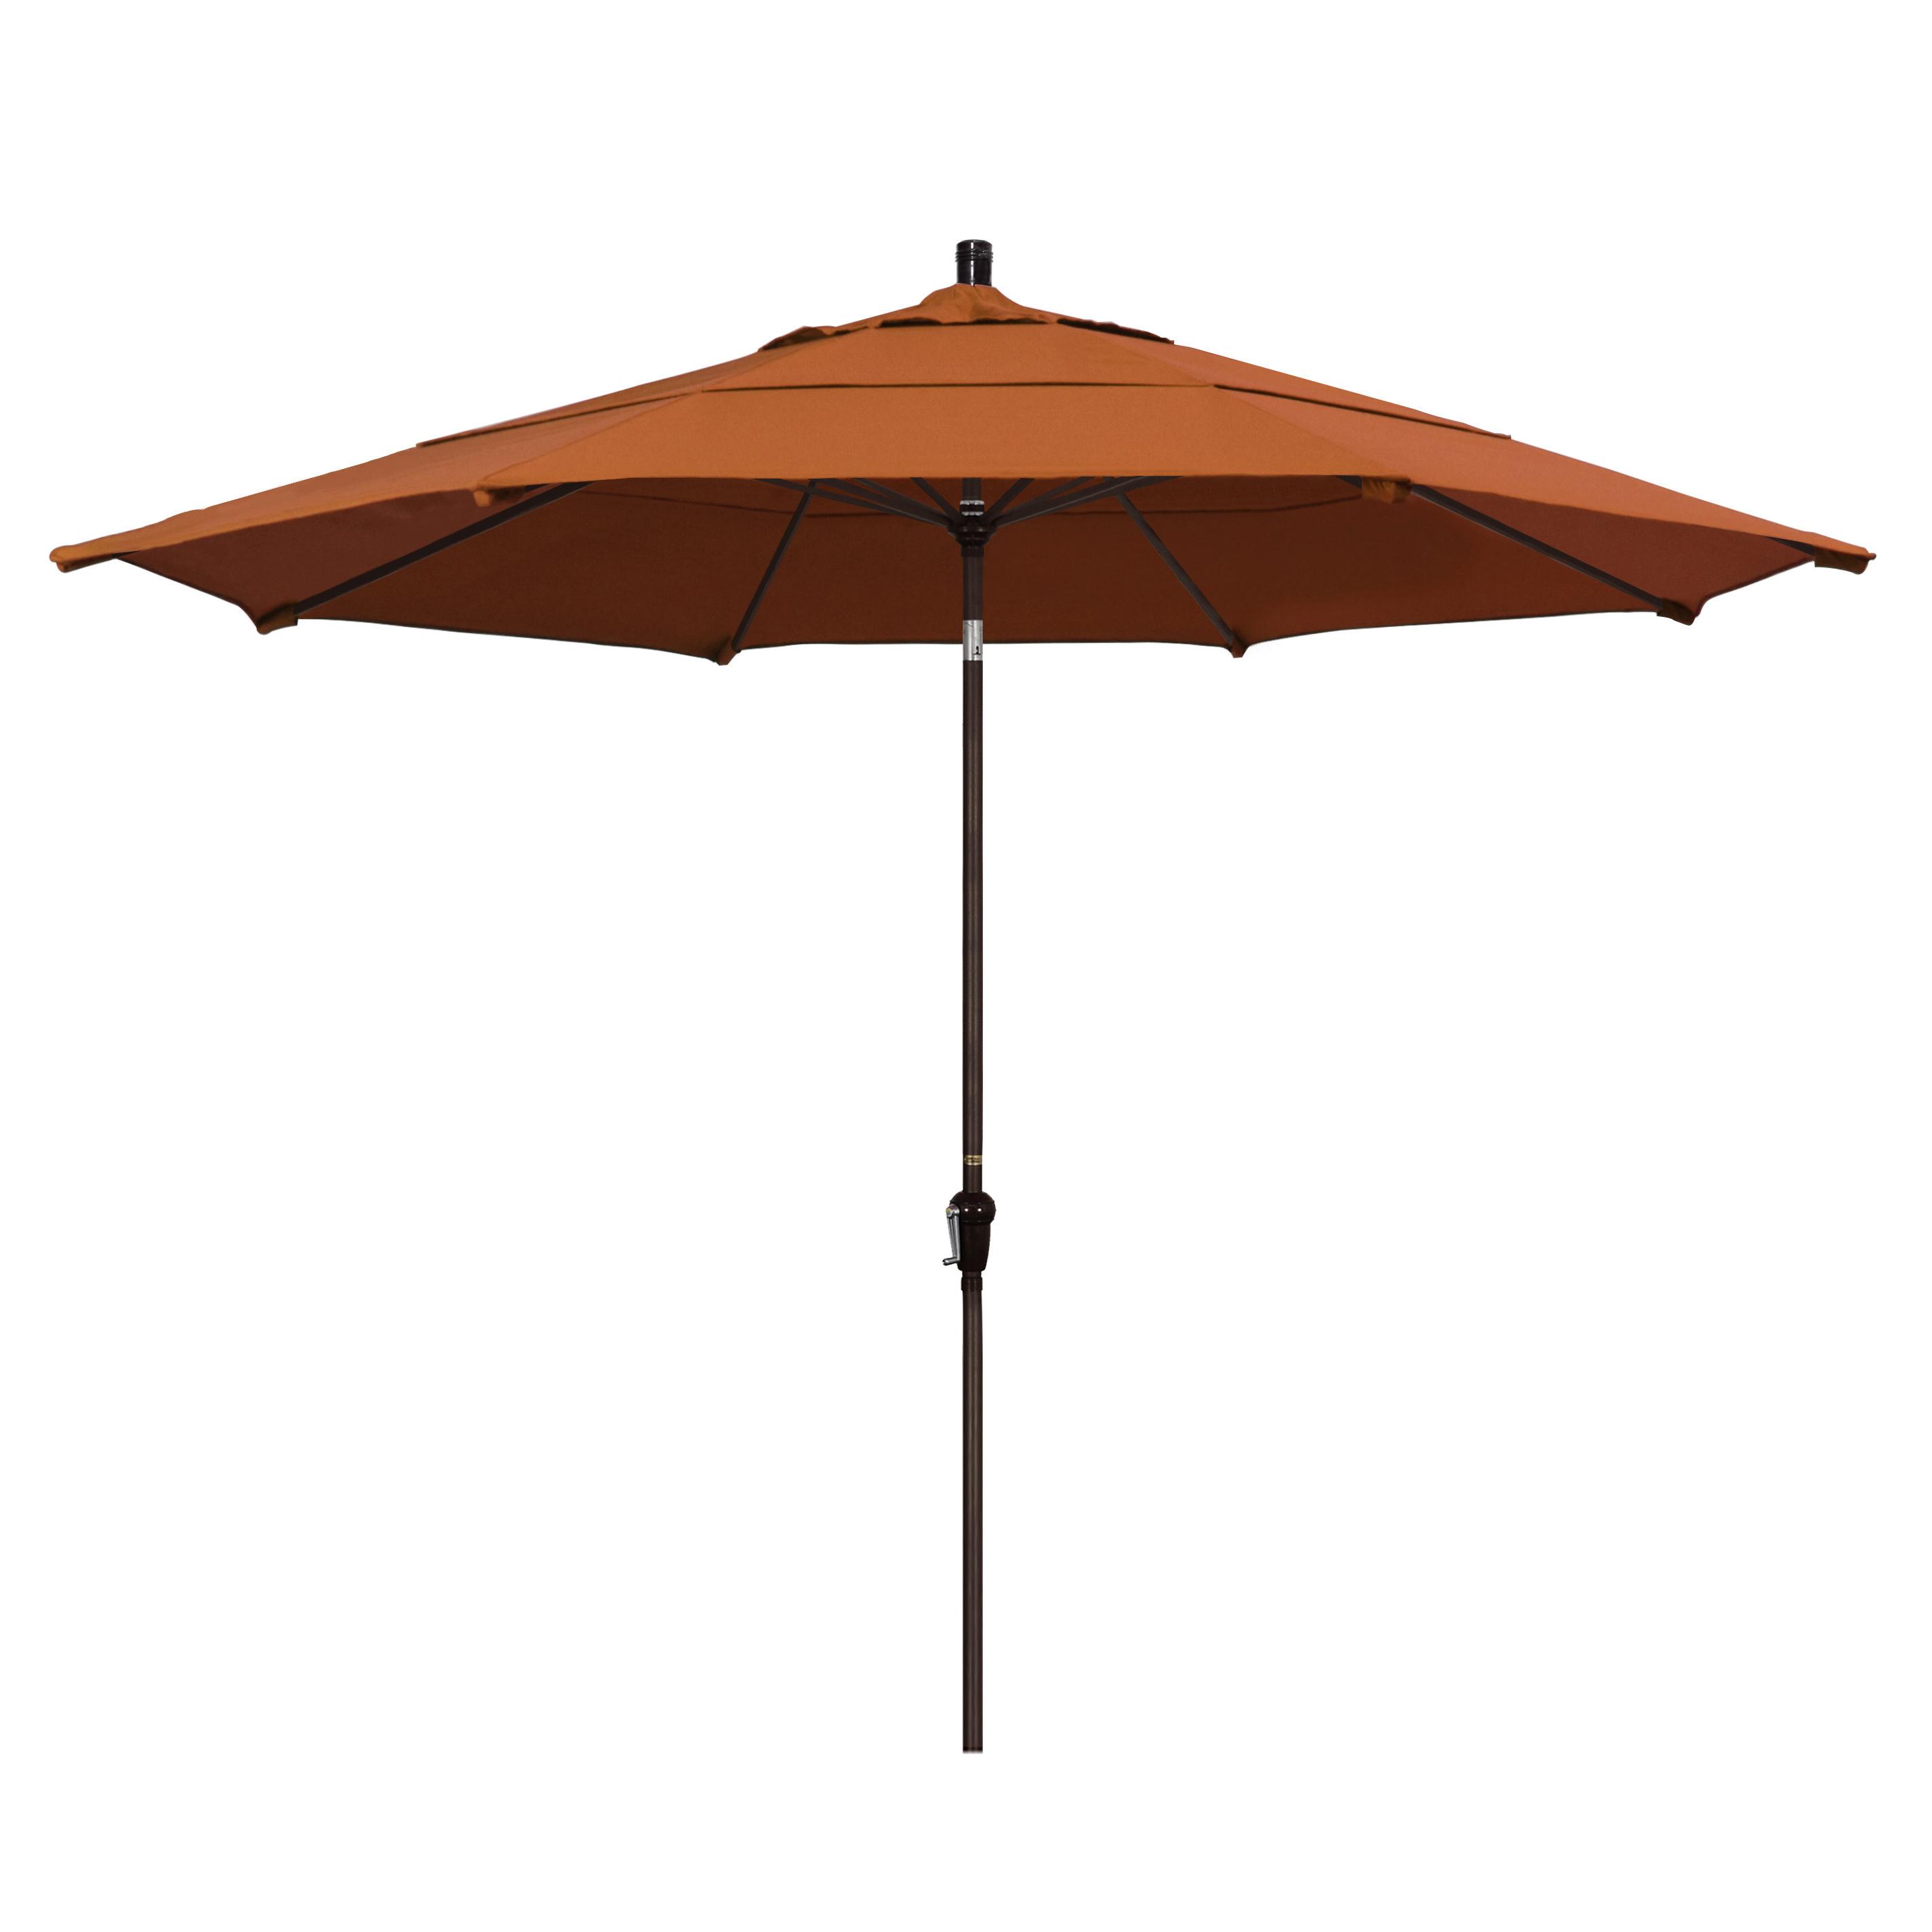 Trendy Mullaney Market Umbrellas Inside Mullaney 11' Market Sunbrella Umbrella (View 3 of 20)